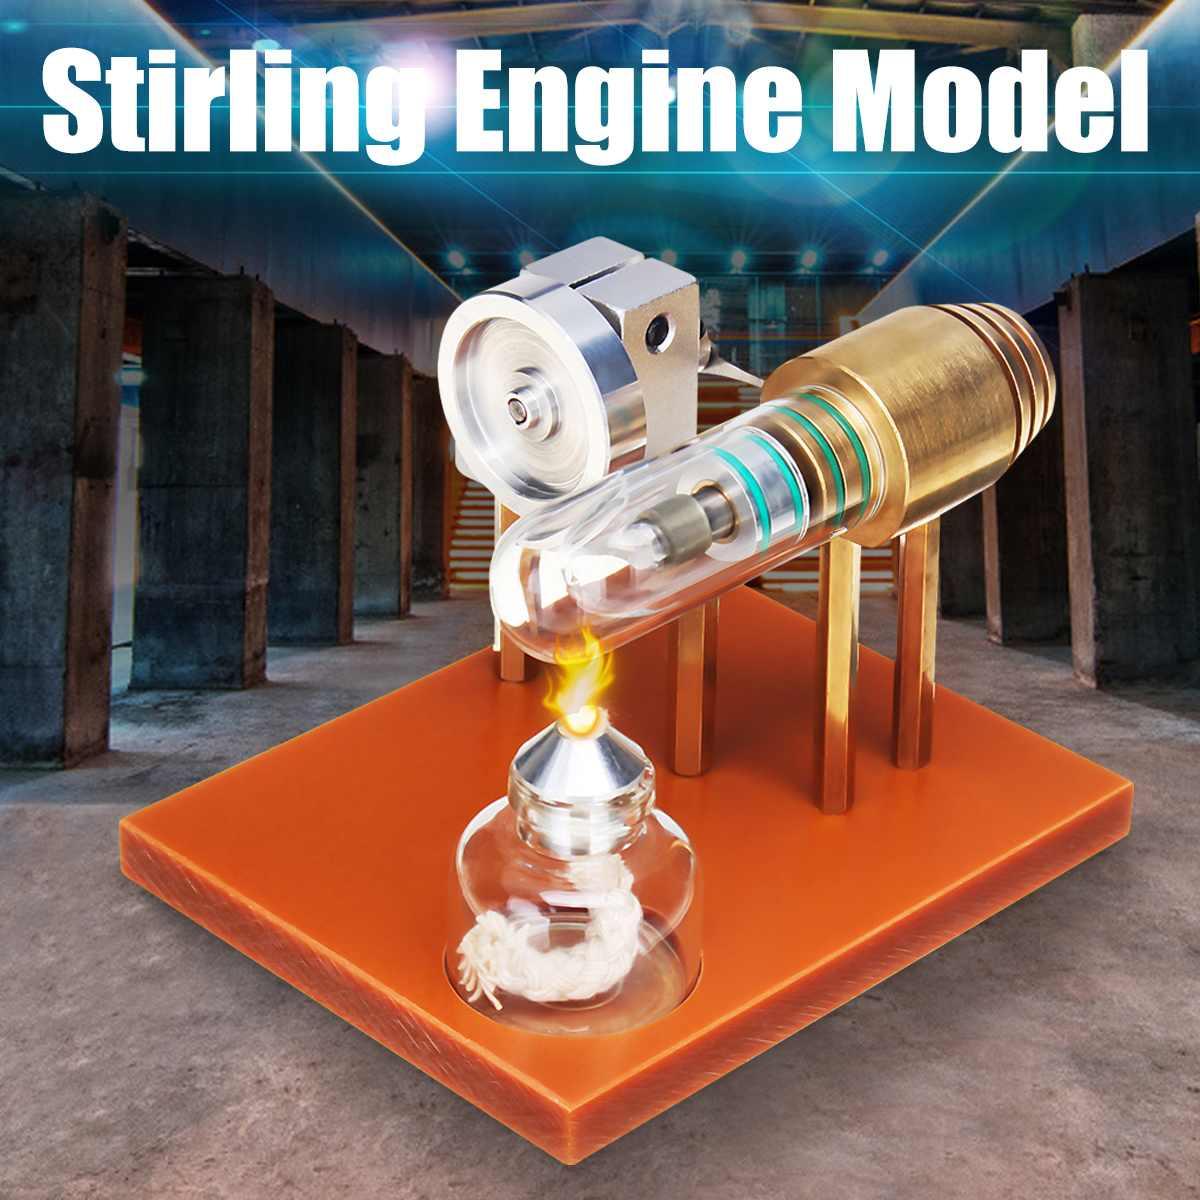 Mini modèle de moteur Stirling à Air chaud modèle d'expérience de physique de puissance de flux modèle de jouet de Science éducative pour les enfants